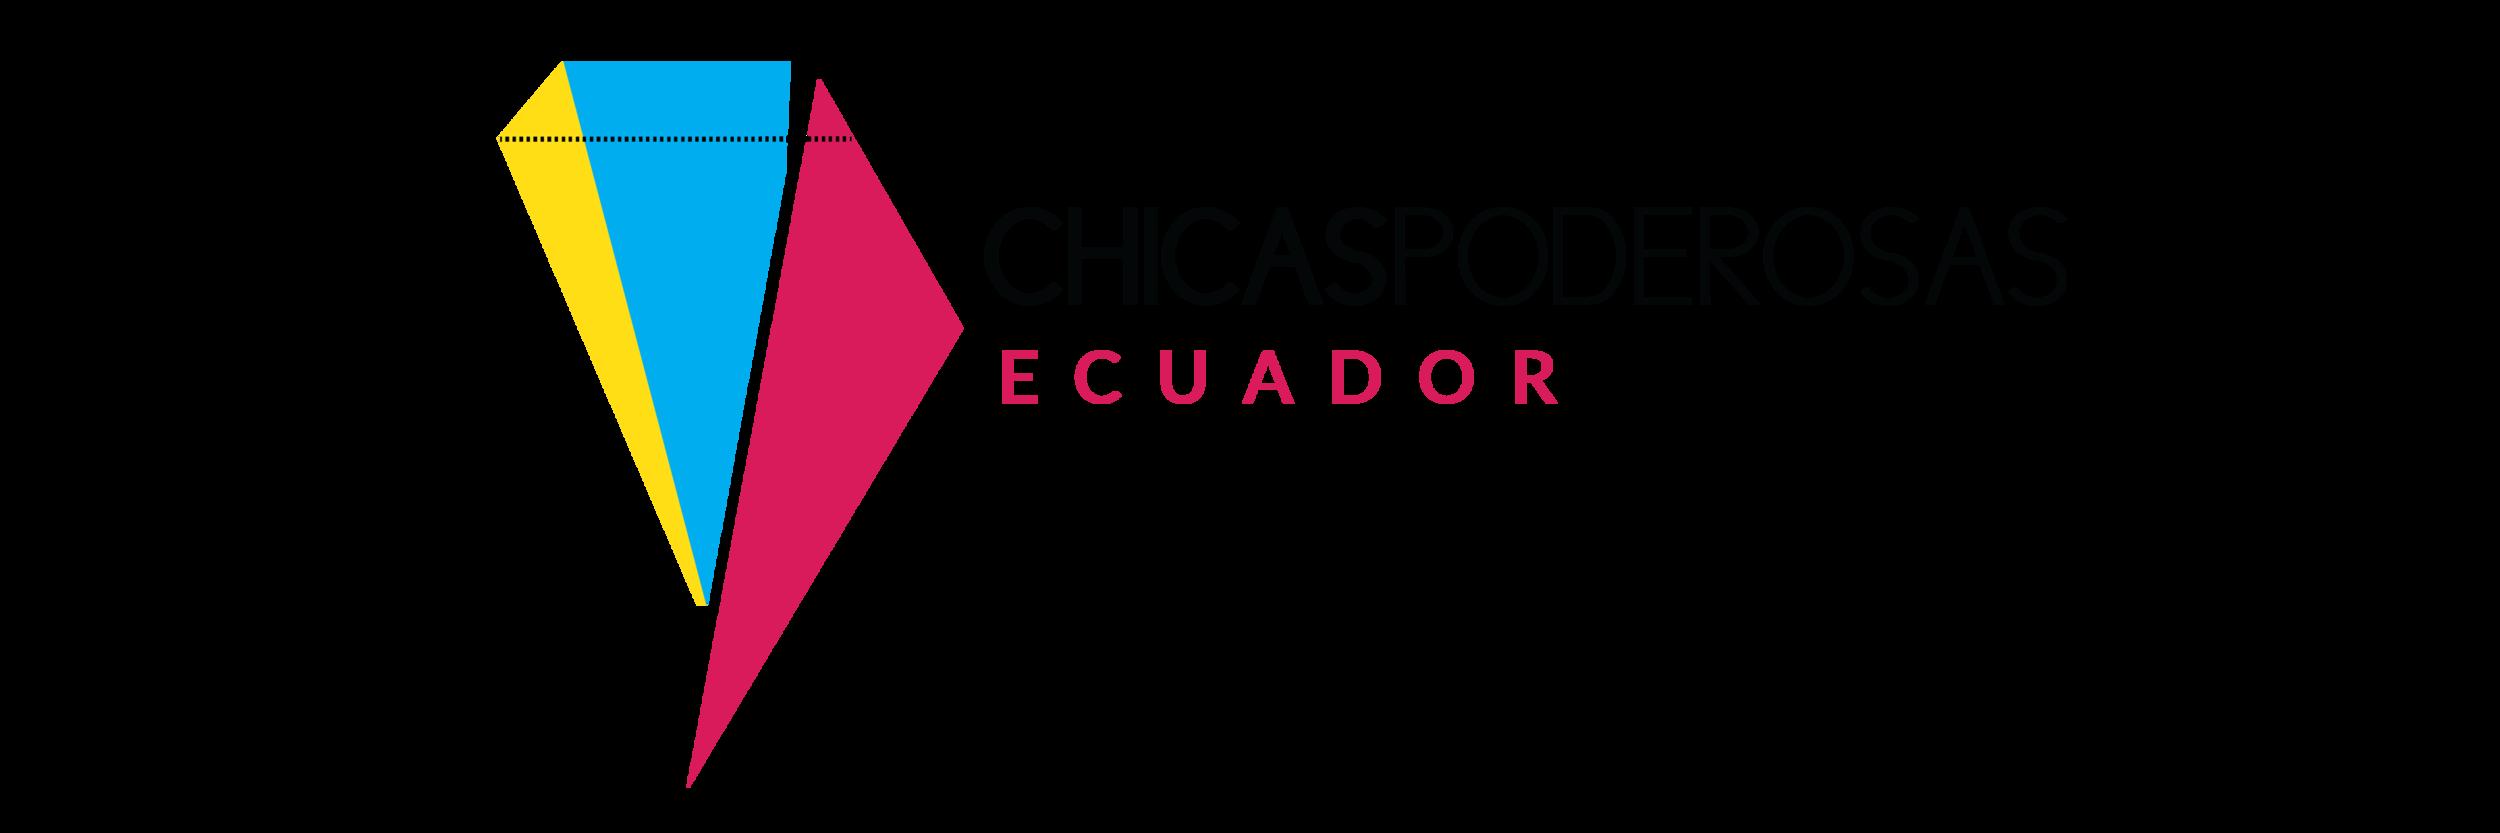 Chicas Poderosas - Fue presentado por Susana Morán: Convoca a mujeres al uso de tecnología para contar sus historias; además, busca crear espacios de debate y la promoción de la formación y capacitación de periodistas en tecnología. Se interesan en proyectos periodisticos innovadores donde los datos juegen un papel esencial.